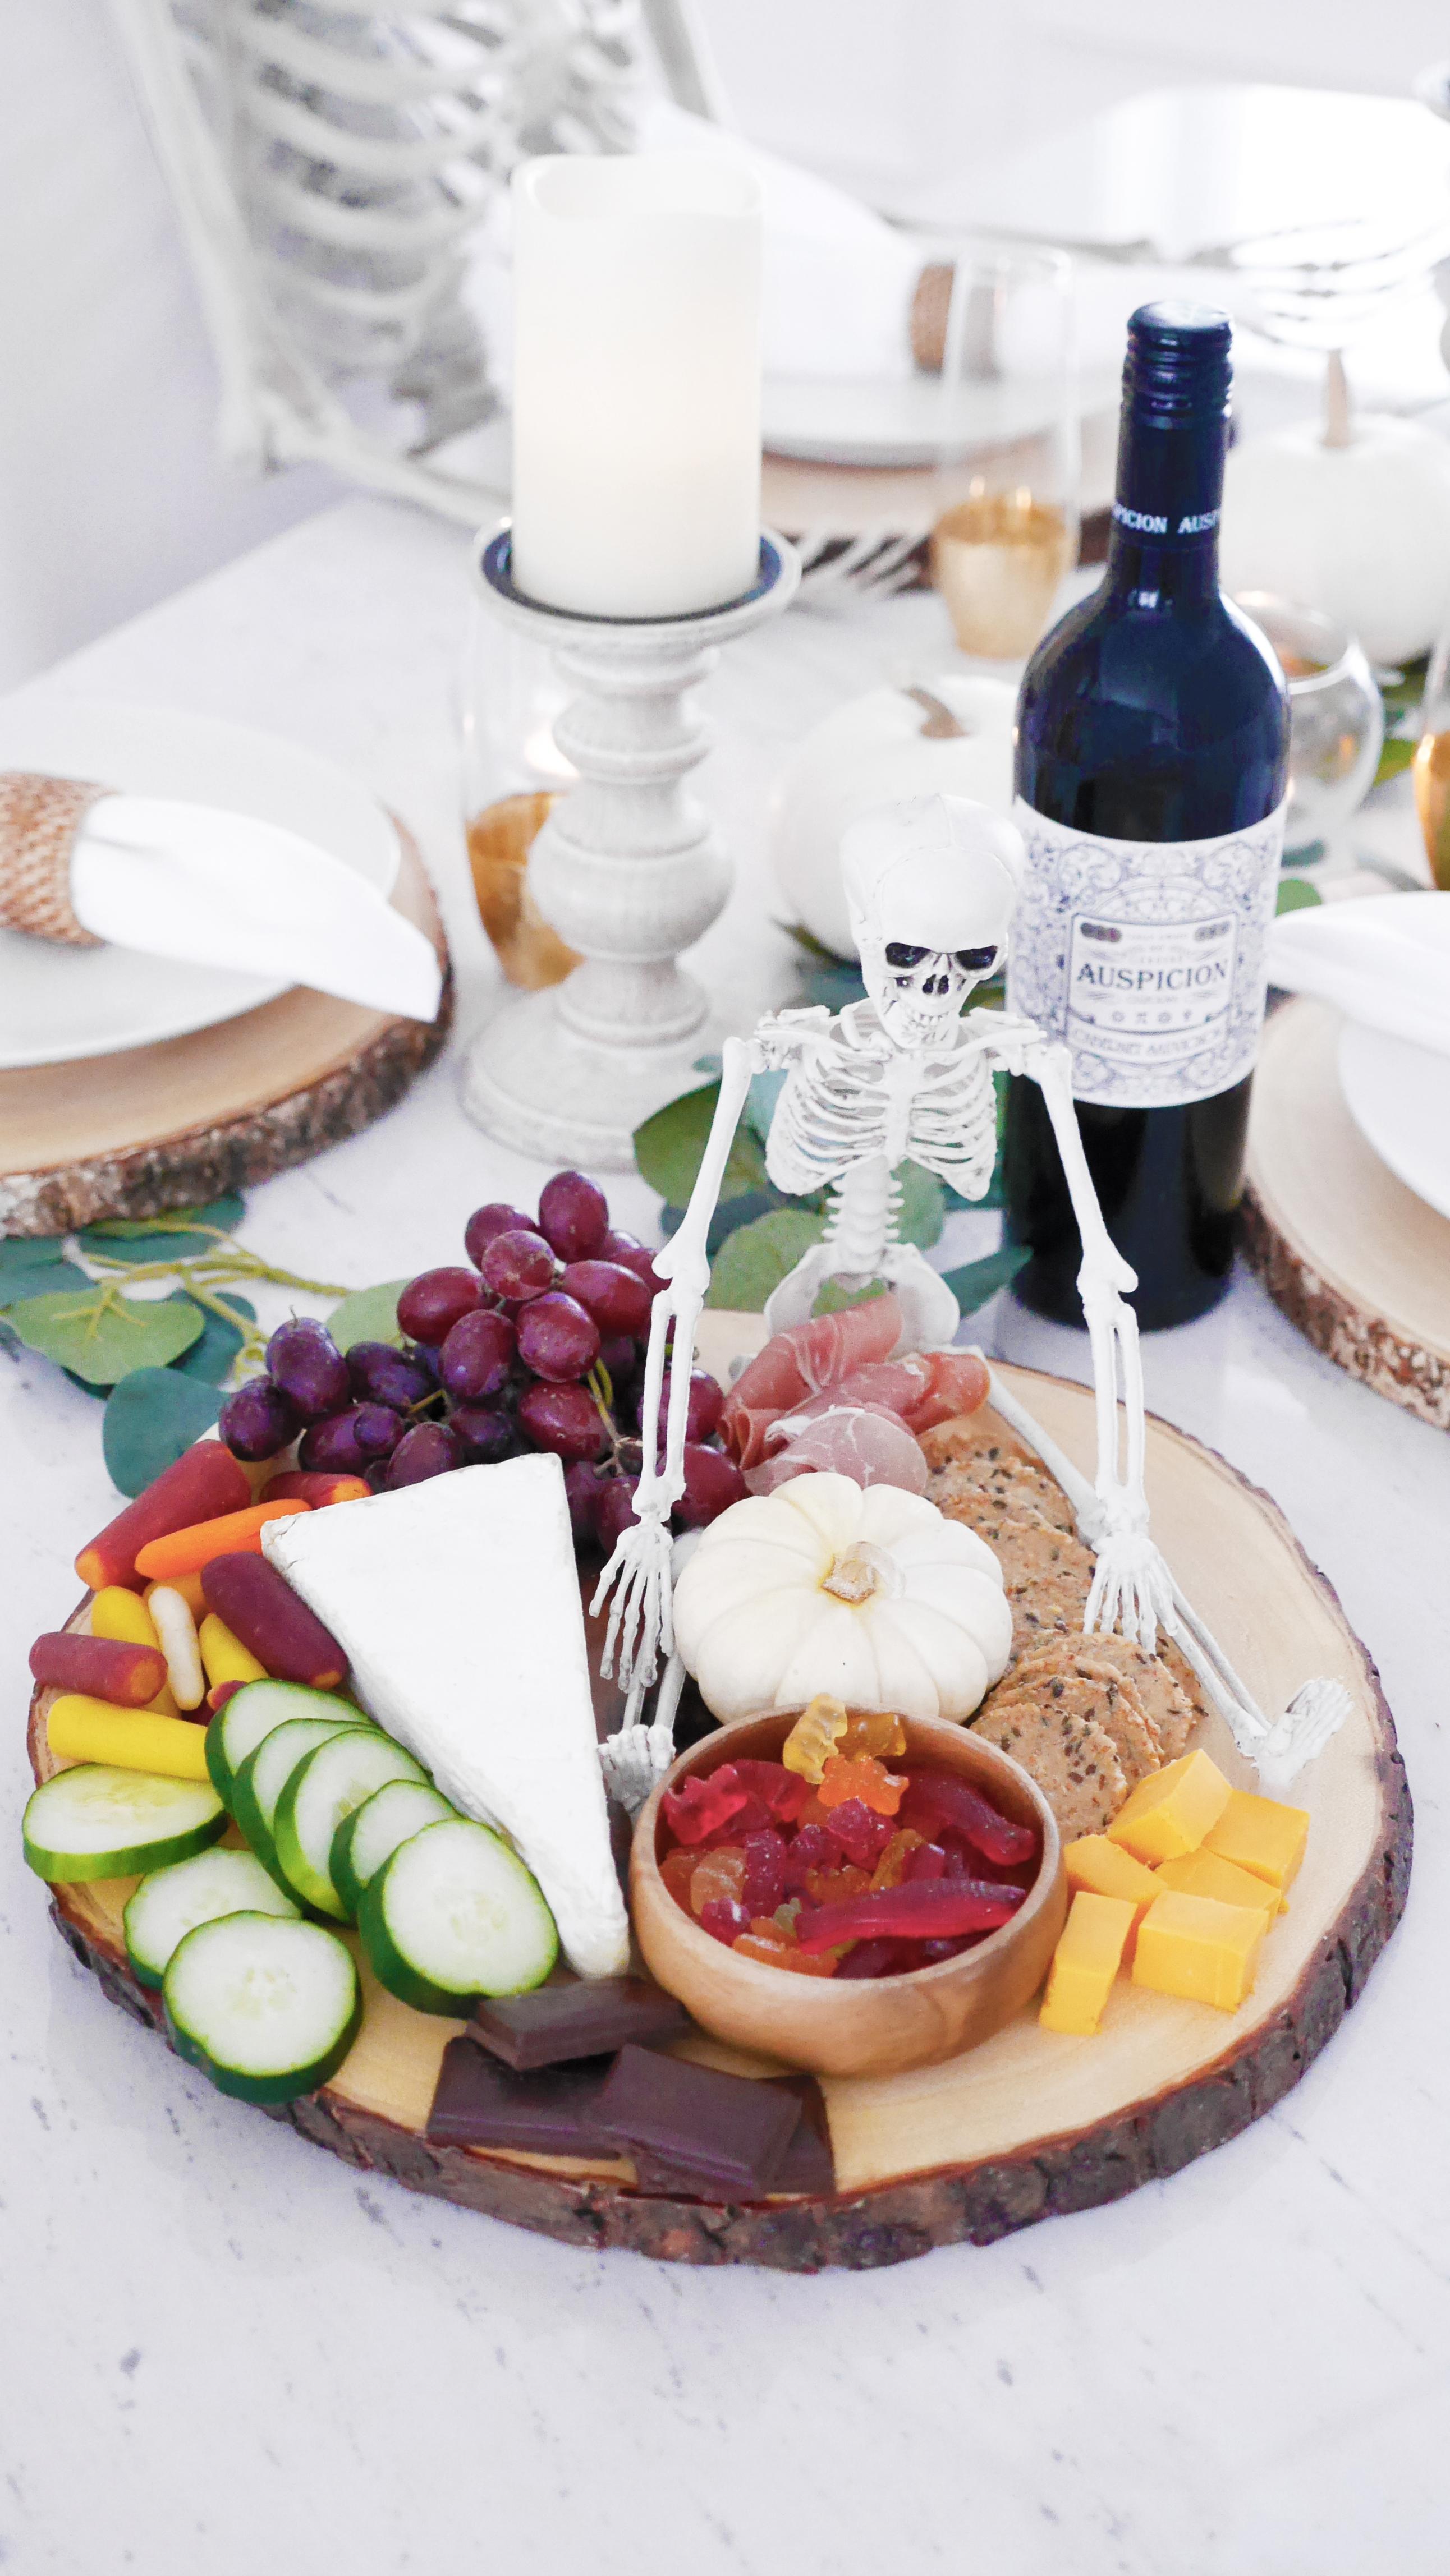 Auspicion Opici Wine